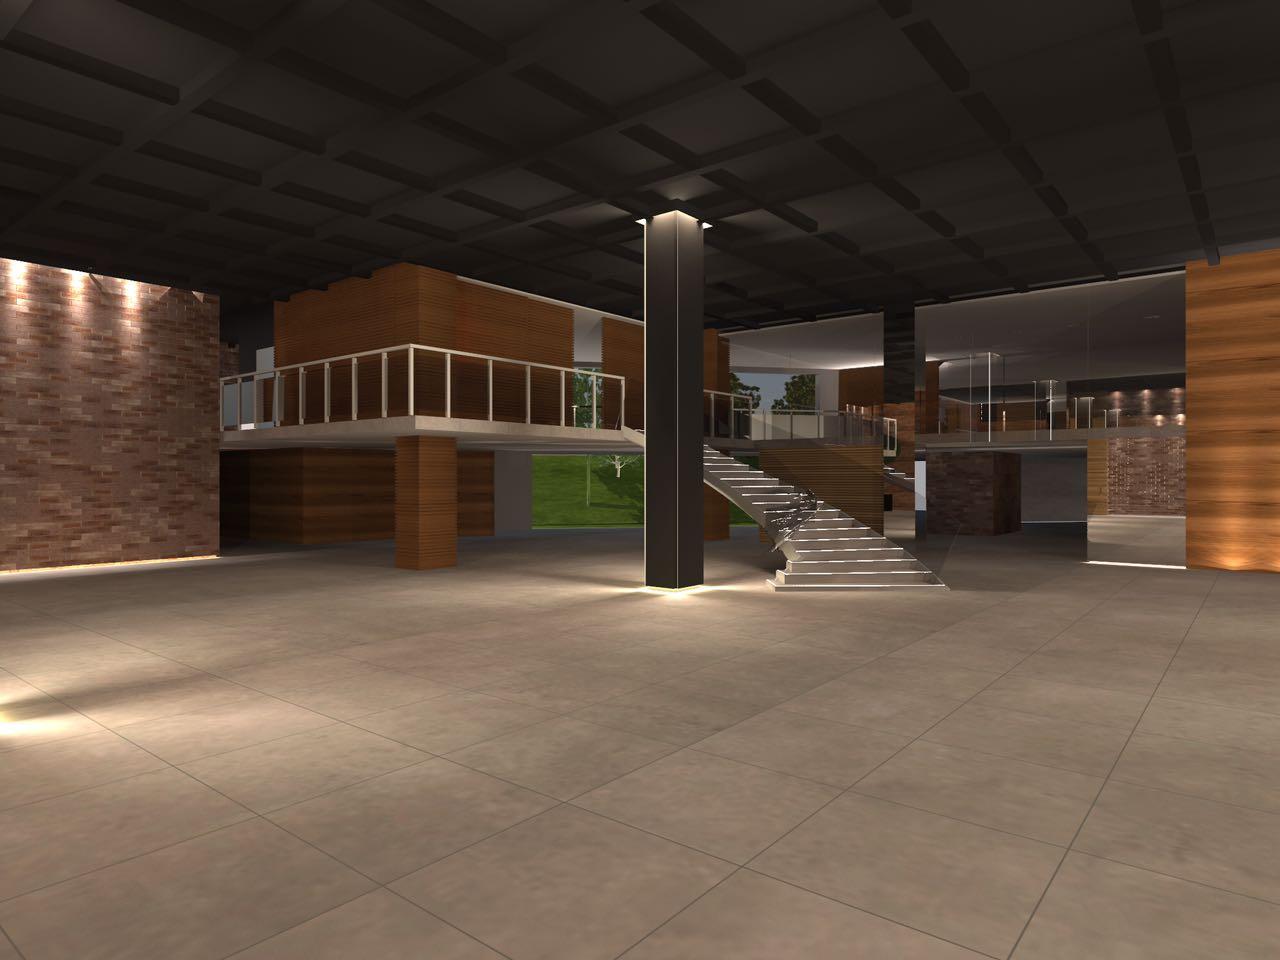 Festa sua sala o novo endere o para eventos em bh for Sala clamores proximos eventos